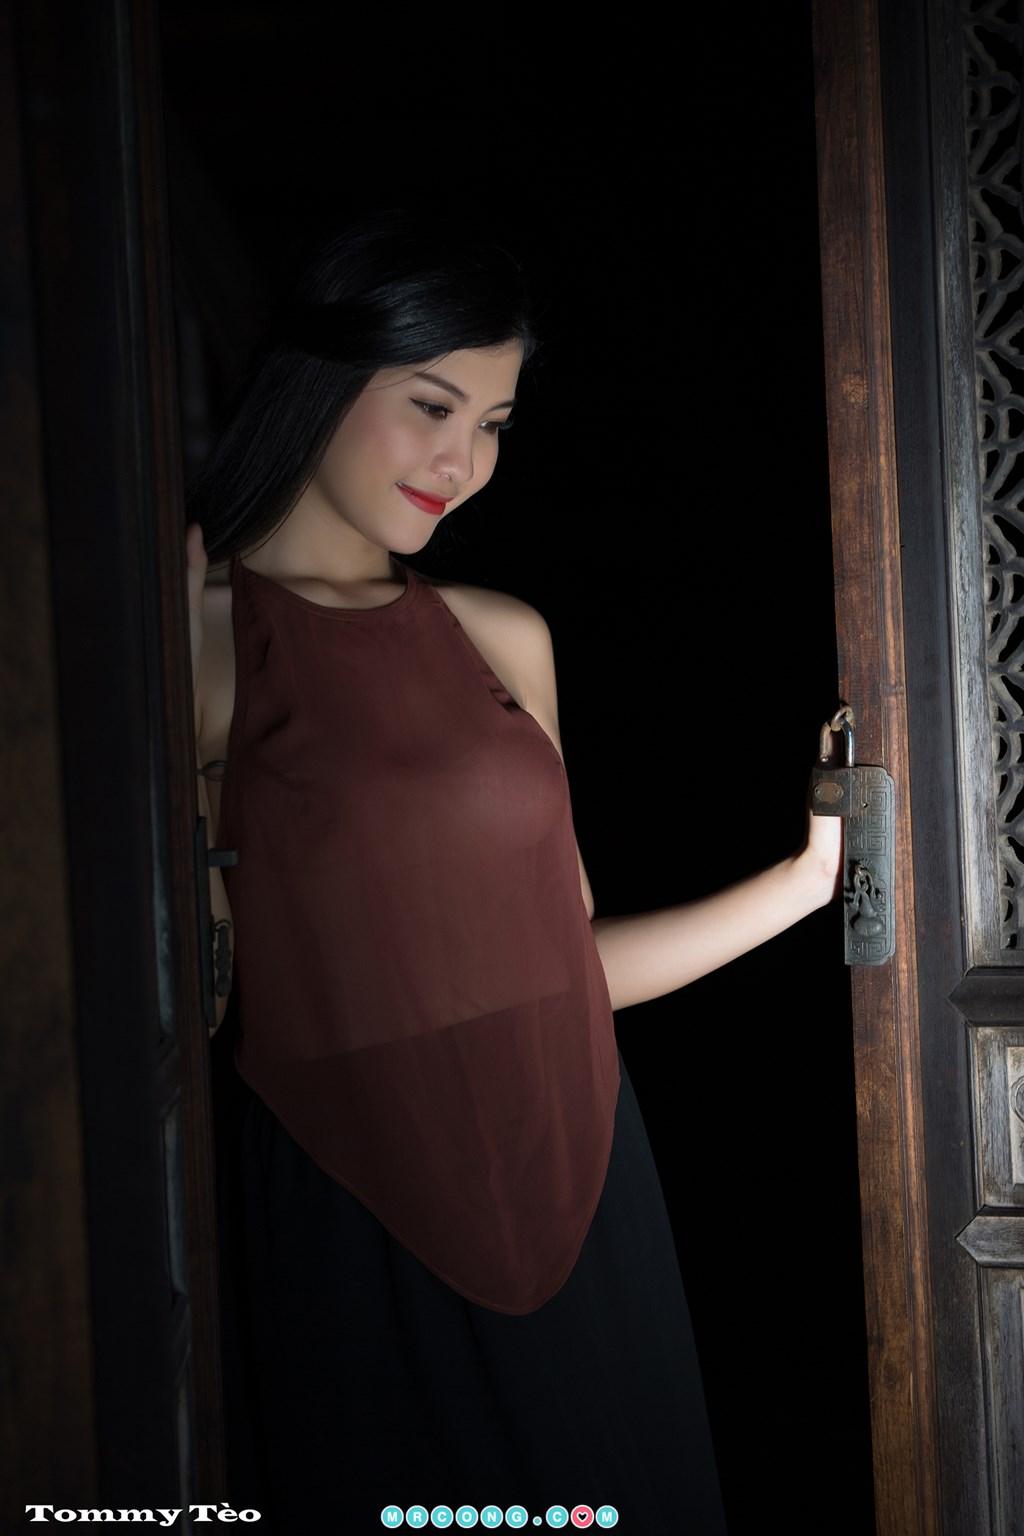 Image Nhung-Nguyen-by-Dang-Thanh-Tung-Tommy-Teo-MrCong.com-007 in post Nóng cả người với bộ ảnh thiếu nữ thả rông ngực mặc áo yếm mỏng tang (19 ảnh)